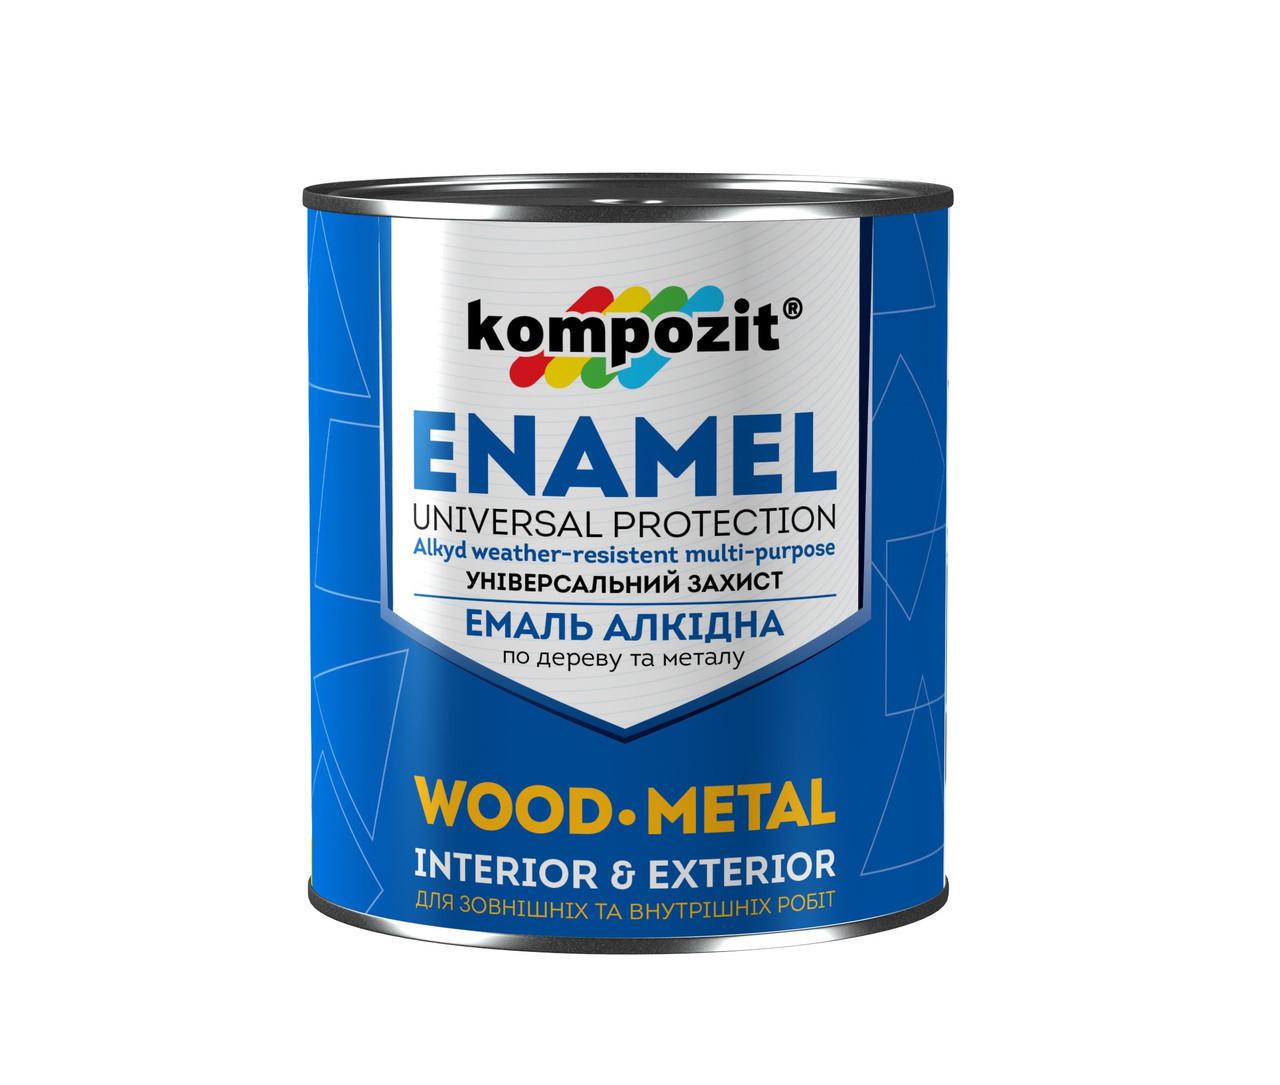 Емаль алкідна по дереву і металу Kompozit Enamel 0.9 кг Оранжевий